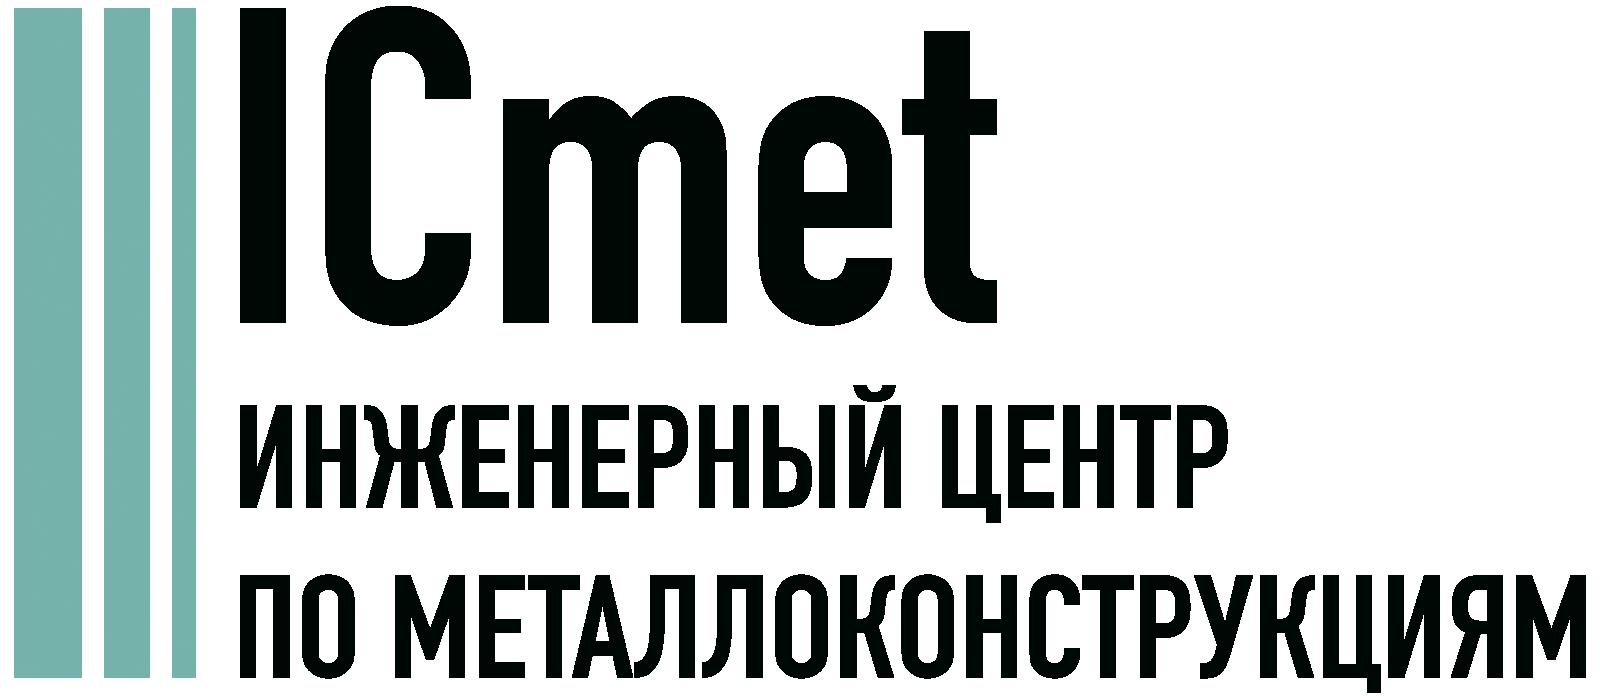 Проектирование металлоконструкций в Великом Новгороде